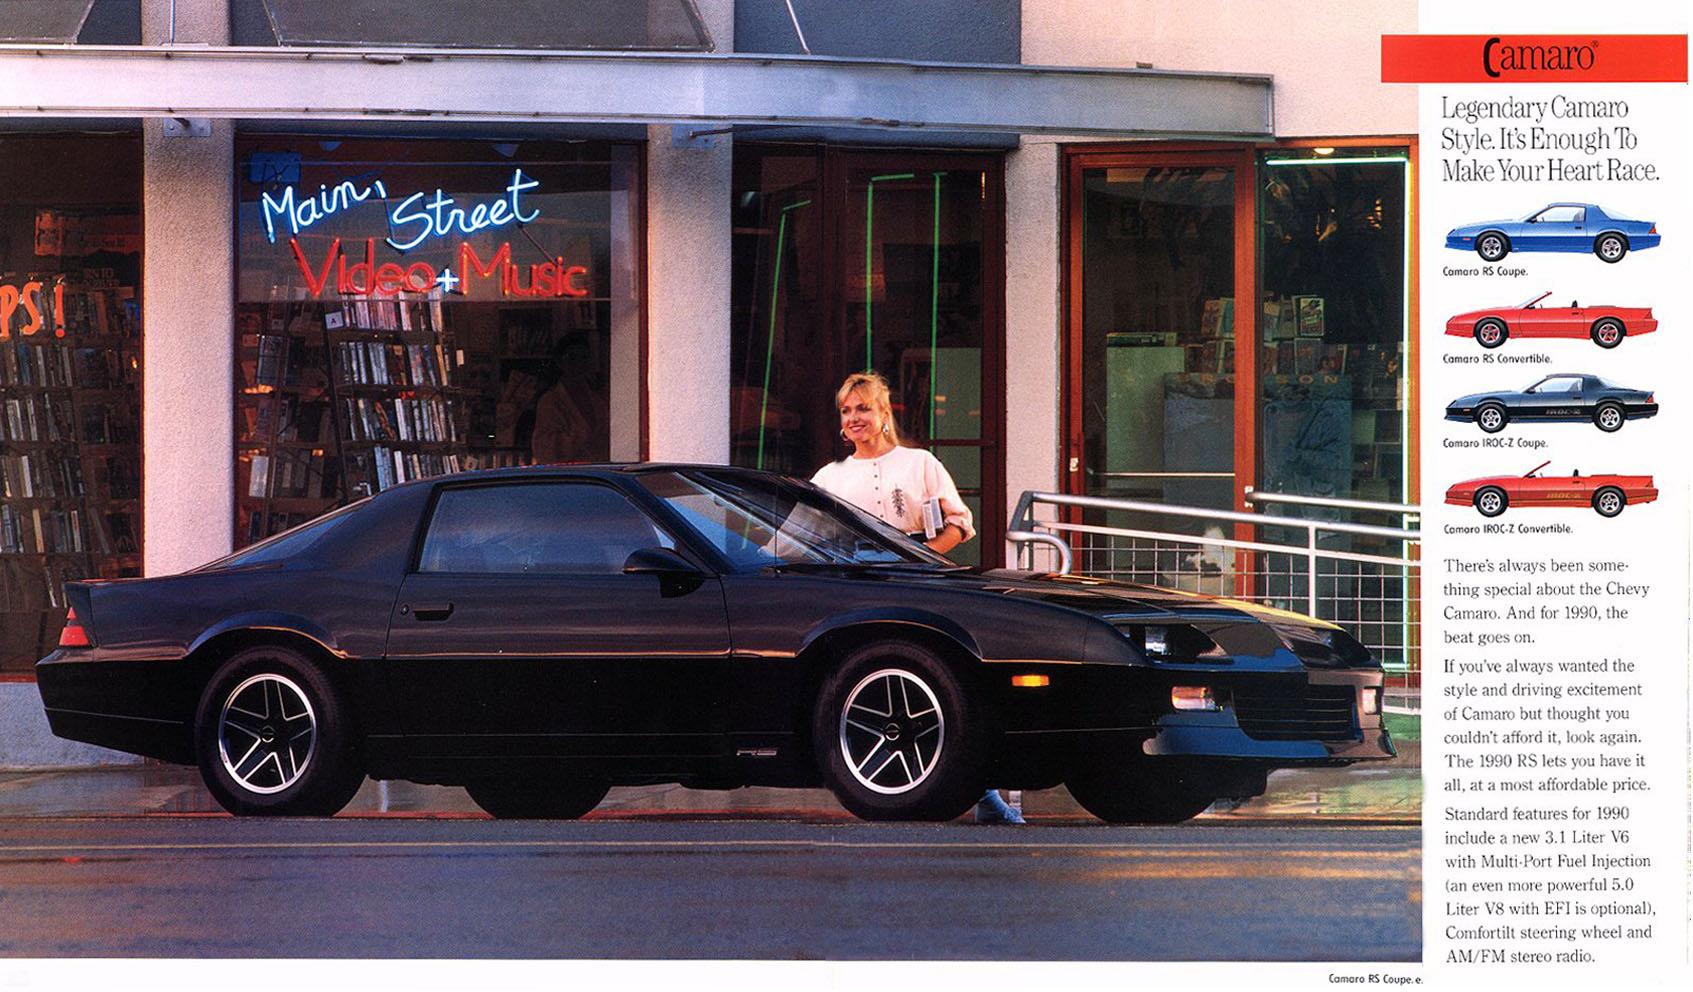 1990 Camaro Ad (1)